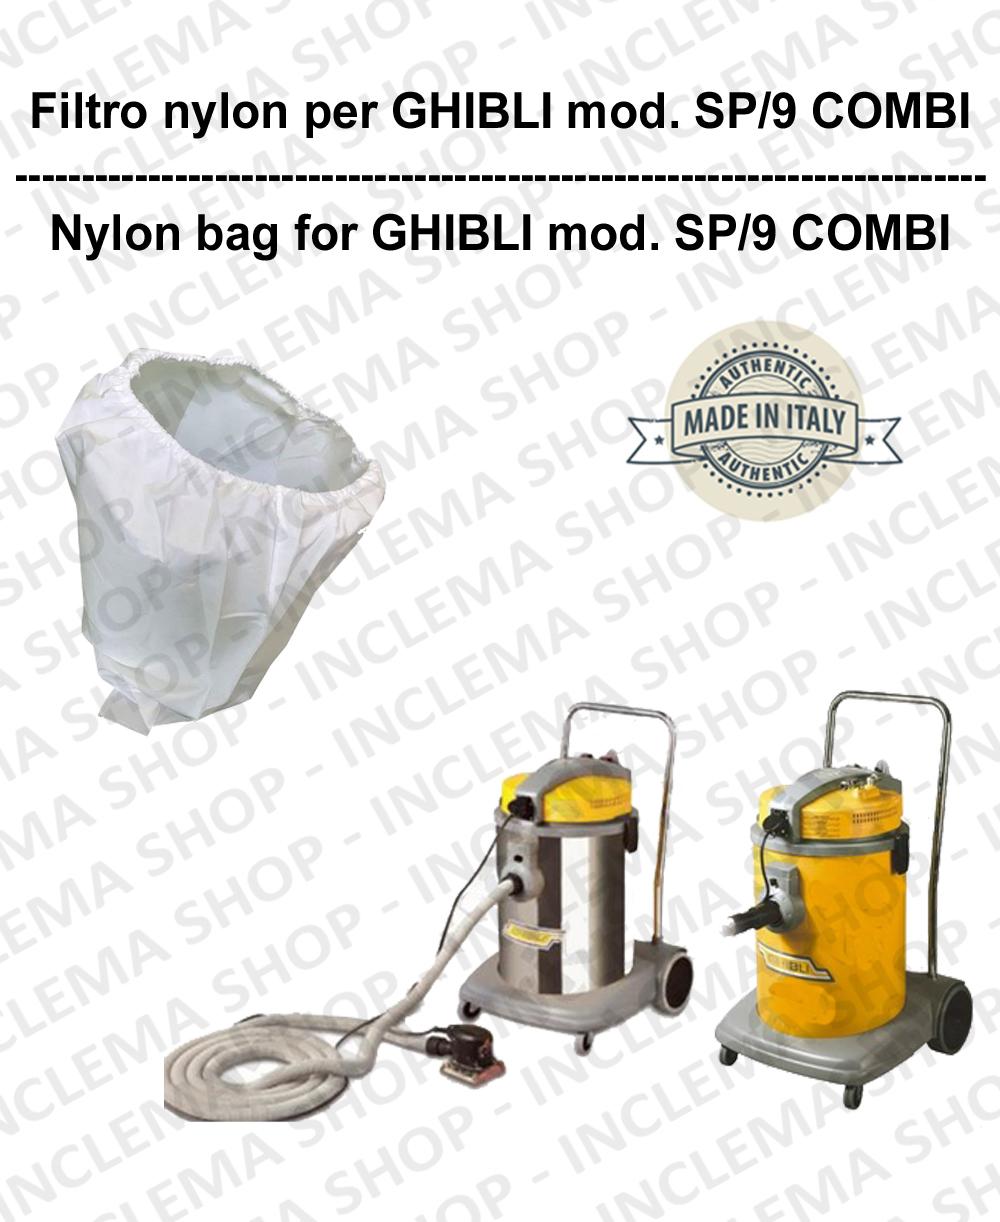 SP9/COMBI Nylonfilter für Staubsauger GHIBLI